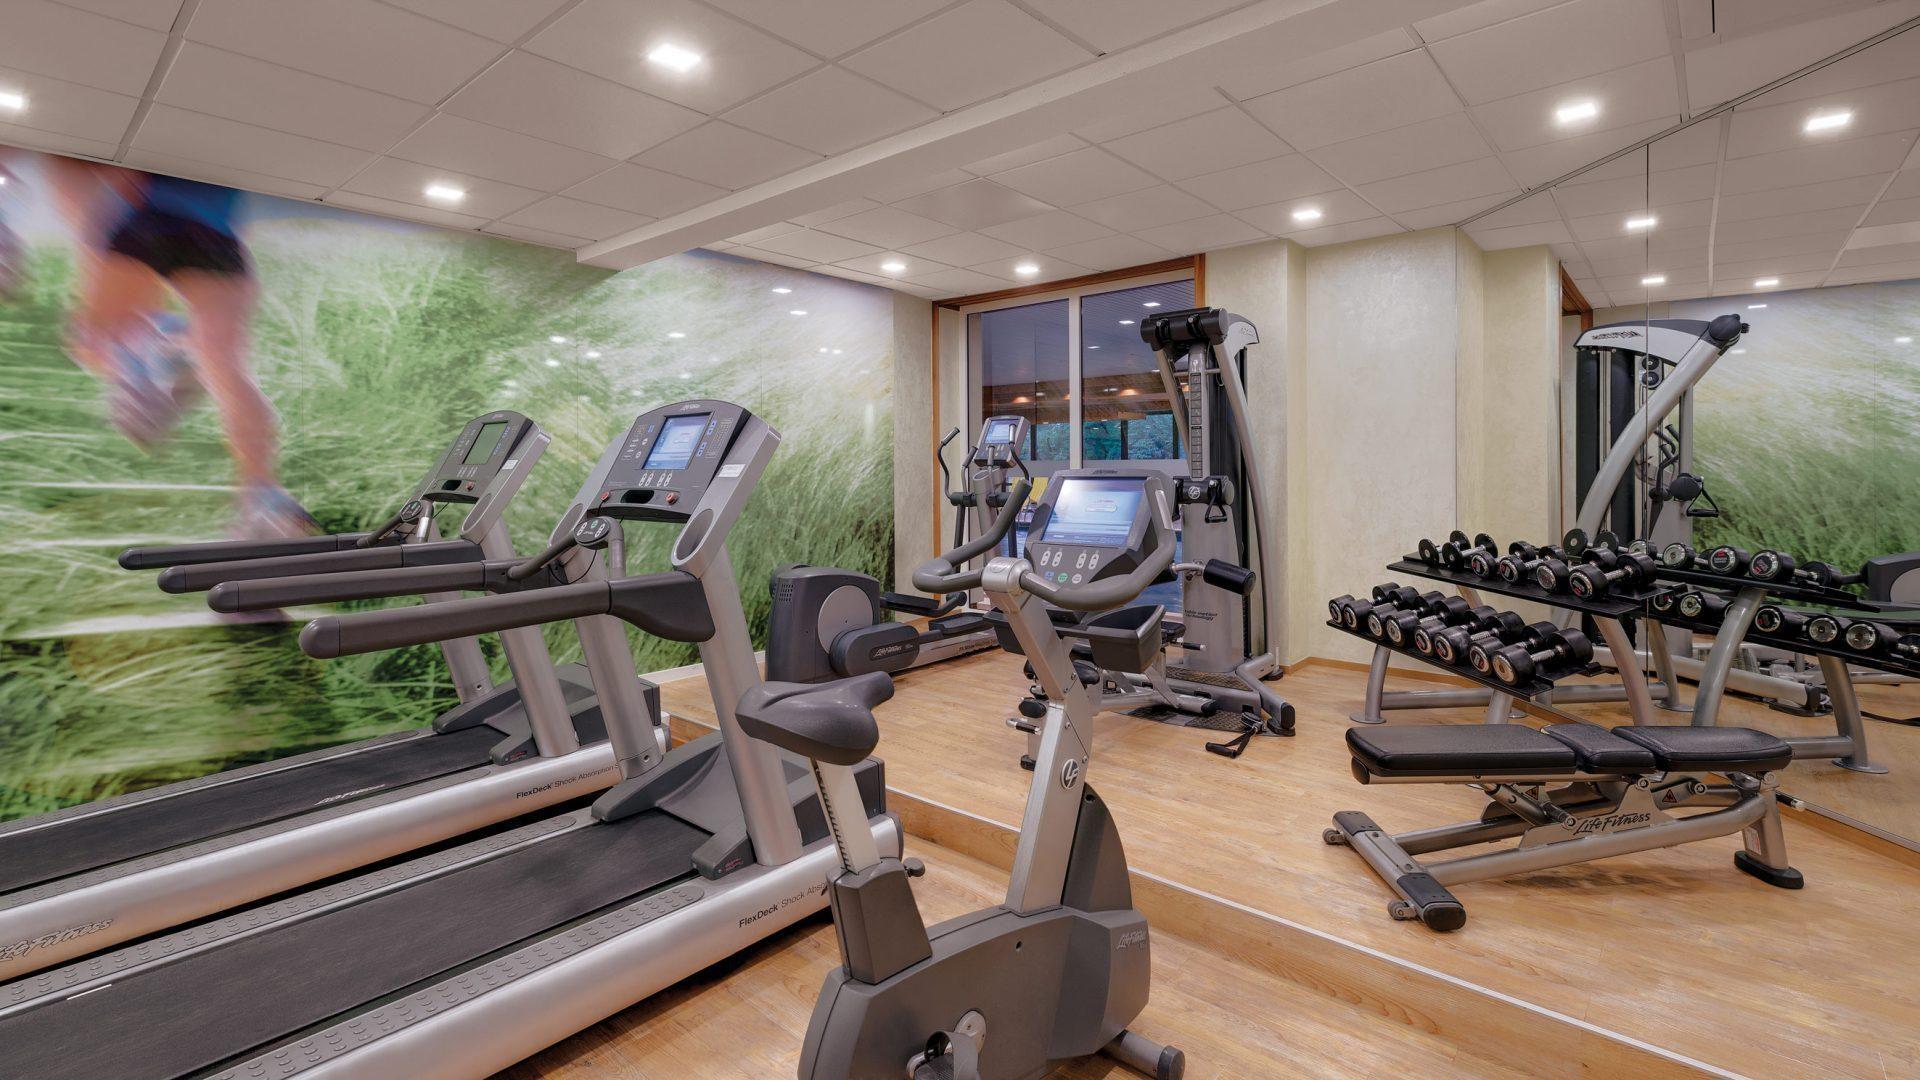 Westin-Bellevue-Dresden-Fitnessraum